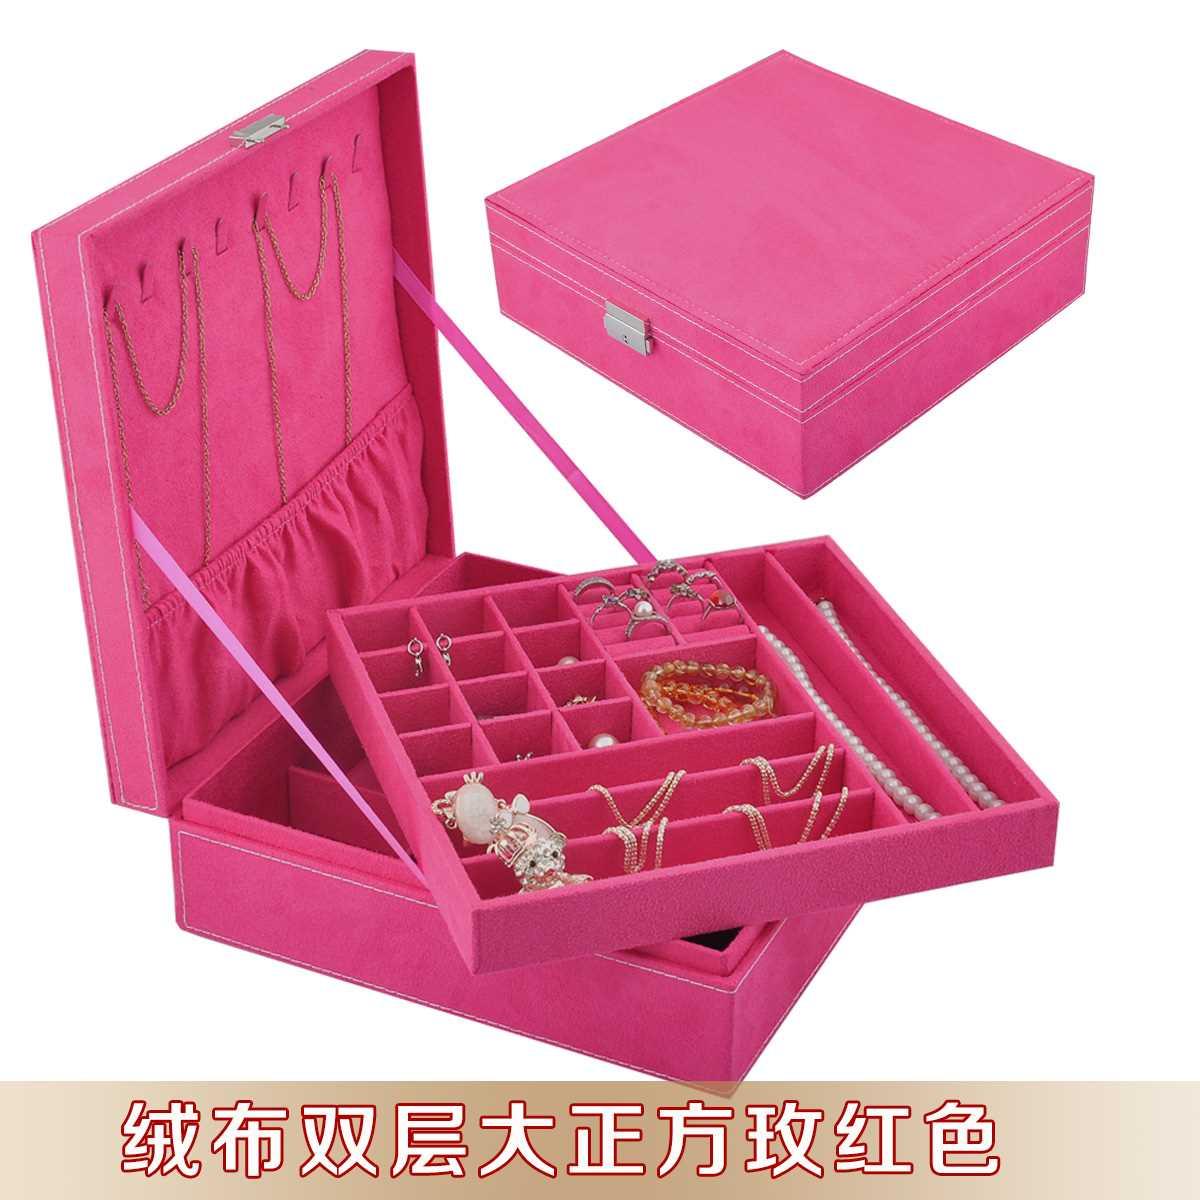 首饰盒公主双层欧式大正方简约多功能戒指手镯饰品收纳盒子大容量